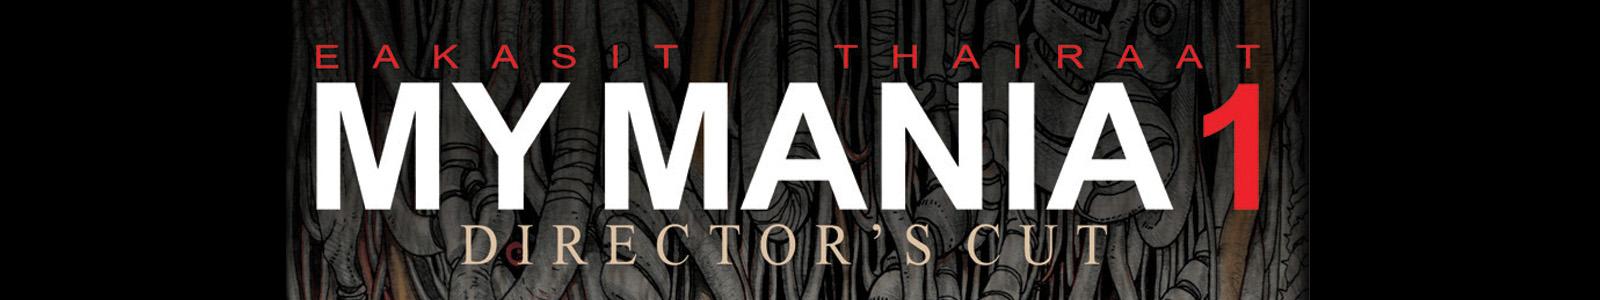 My Mania 1 ฉบับ Director's cut